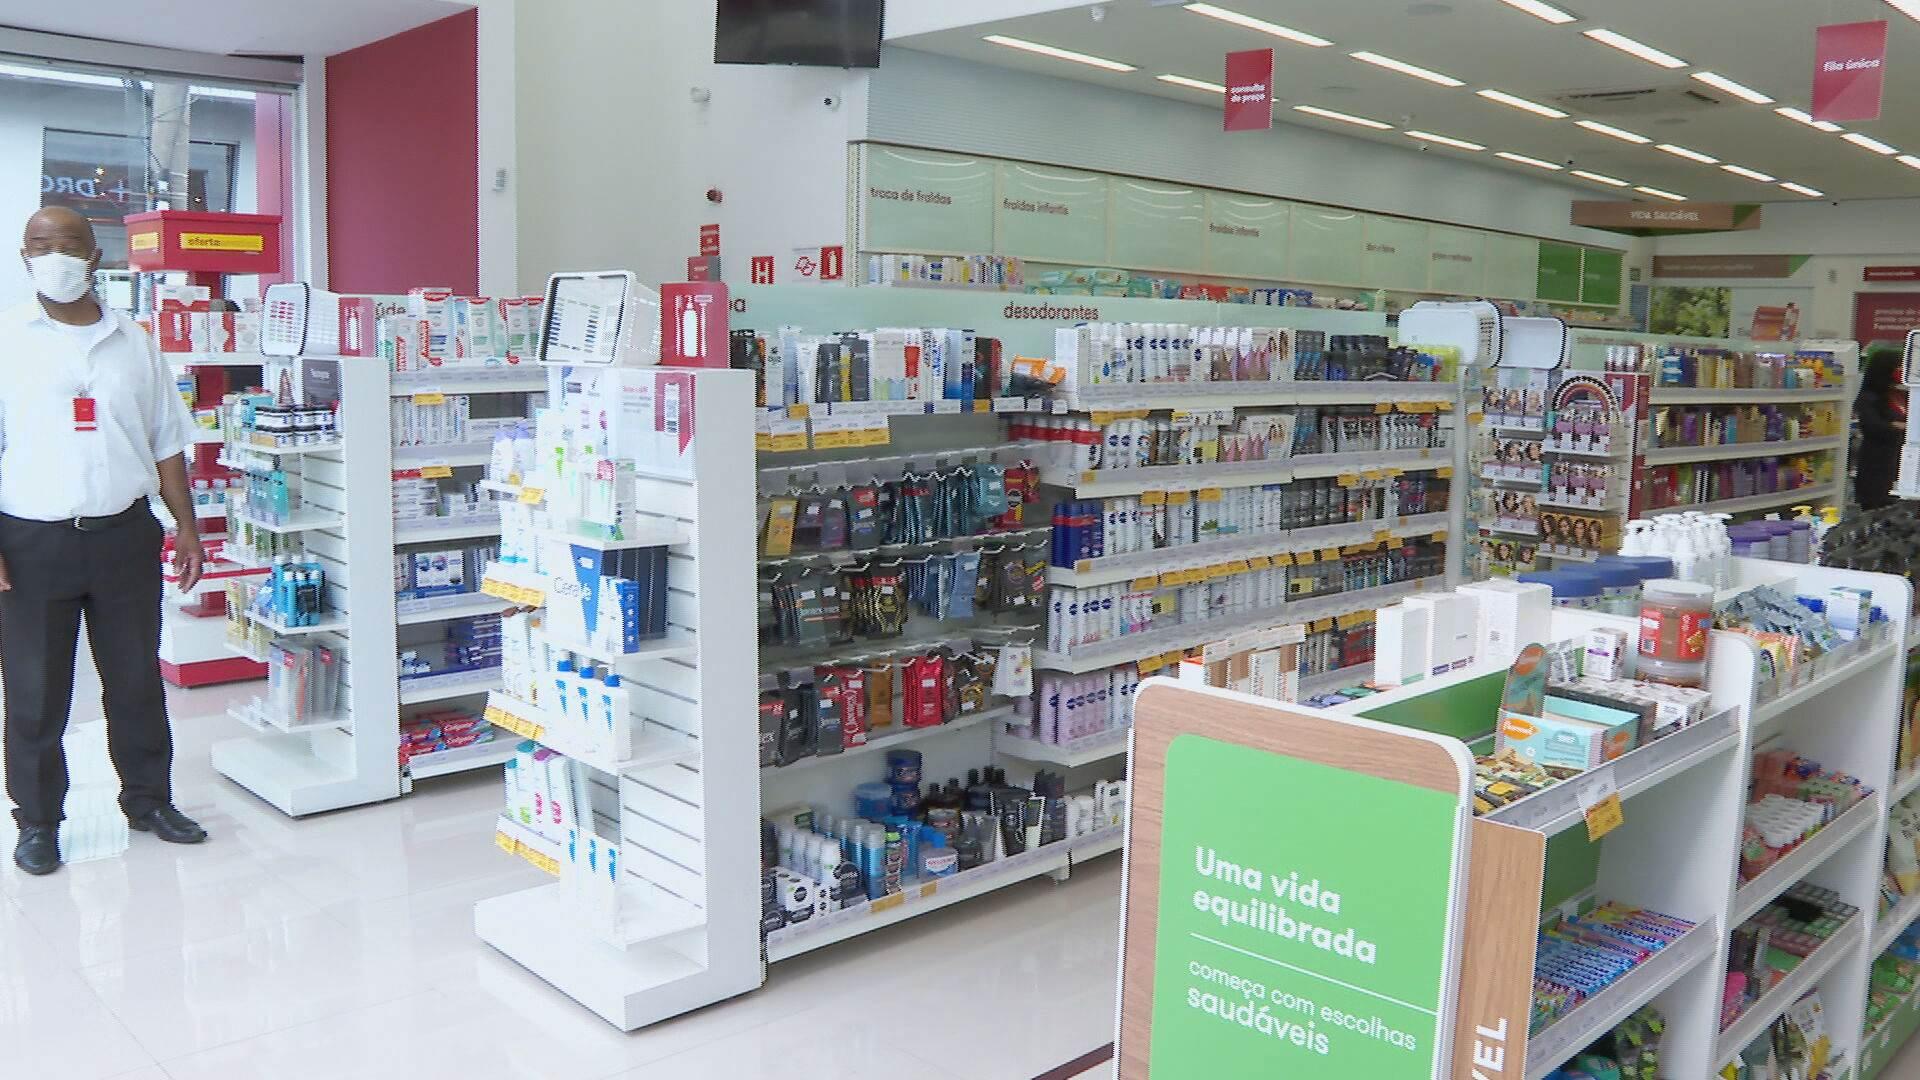 Mulheres podem fazer denúncias de violência em farmácias e mercados (07.Ago.2021